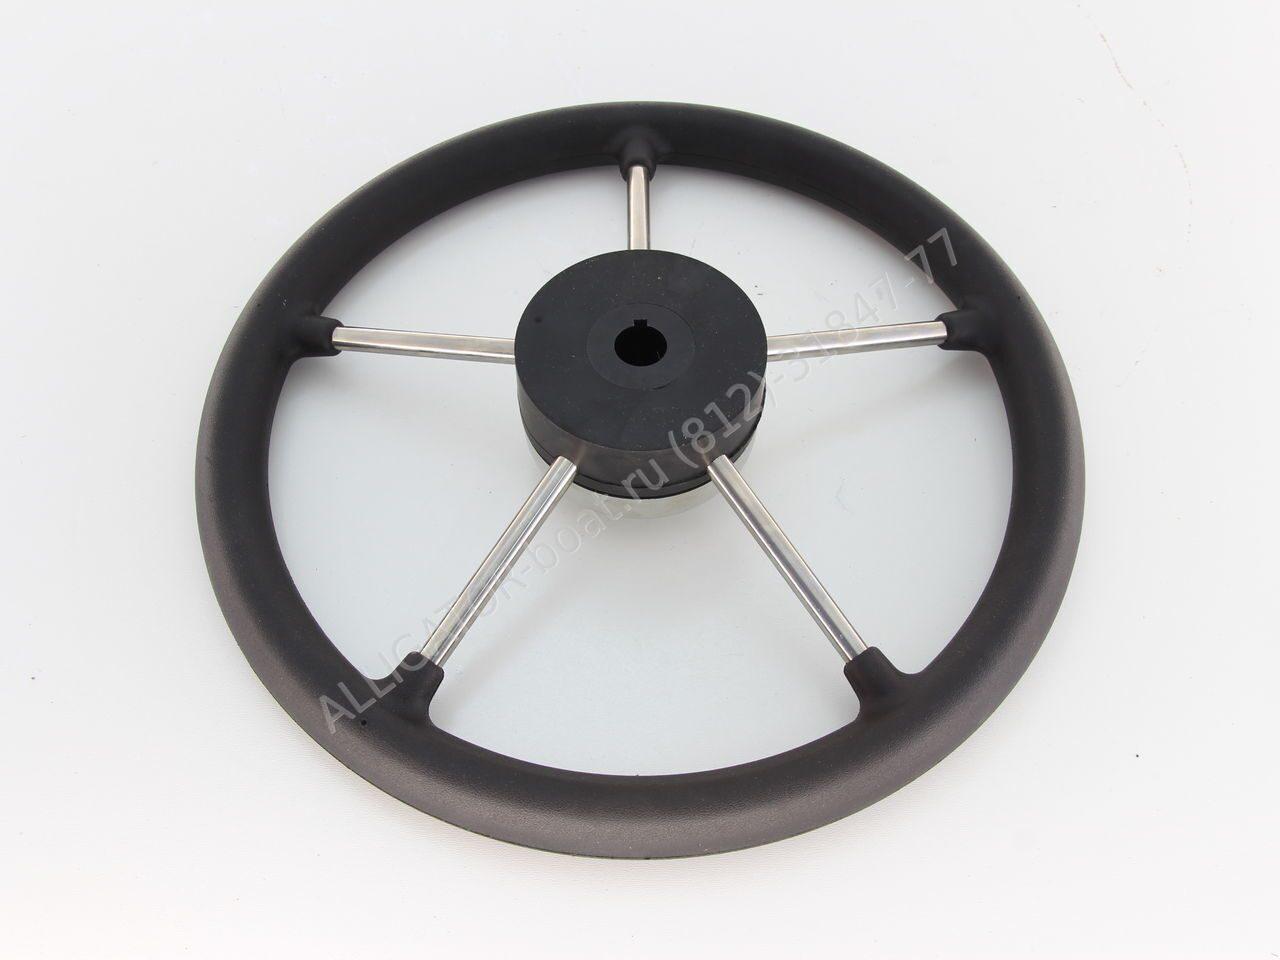 рулевое колесо управления лодкой